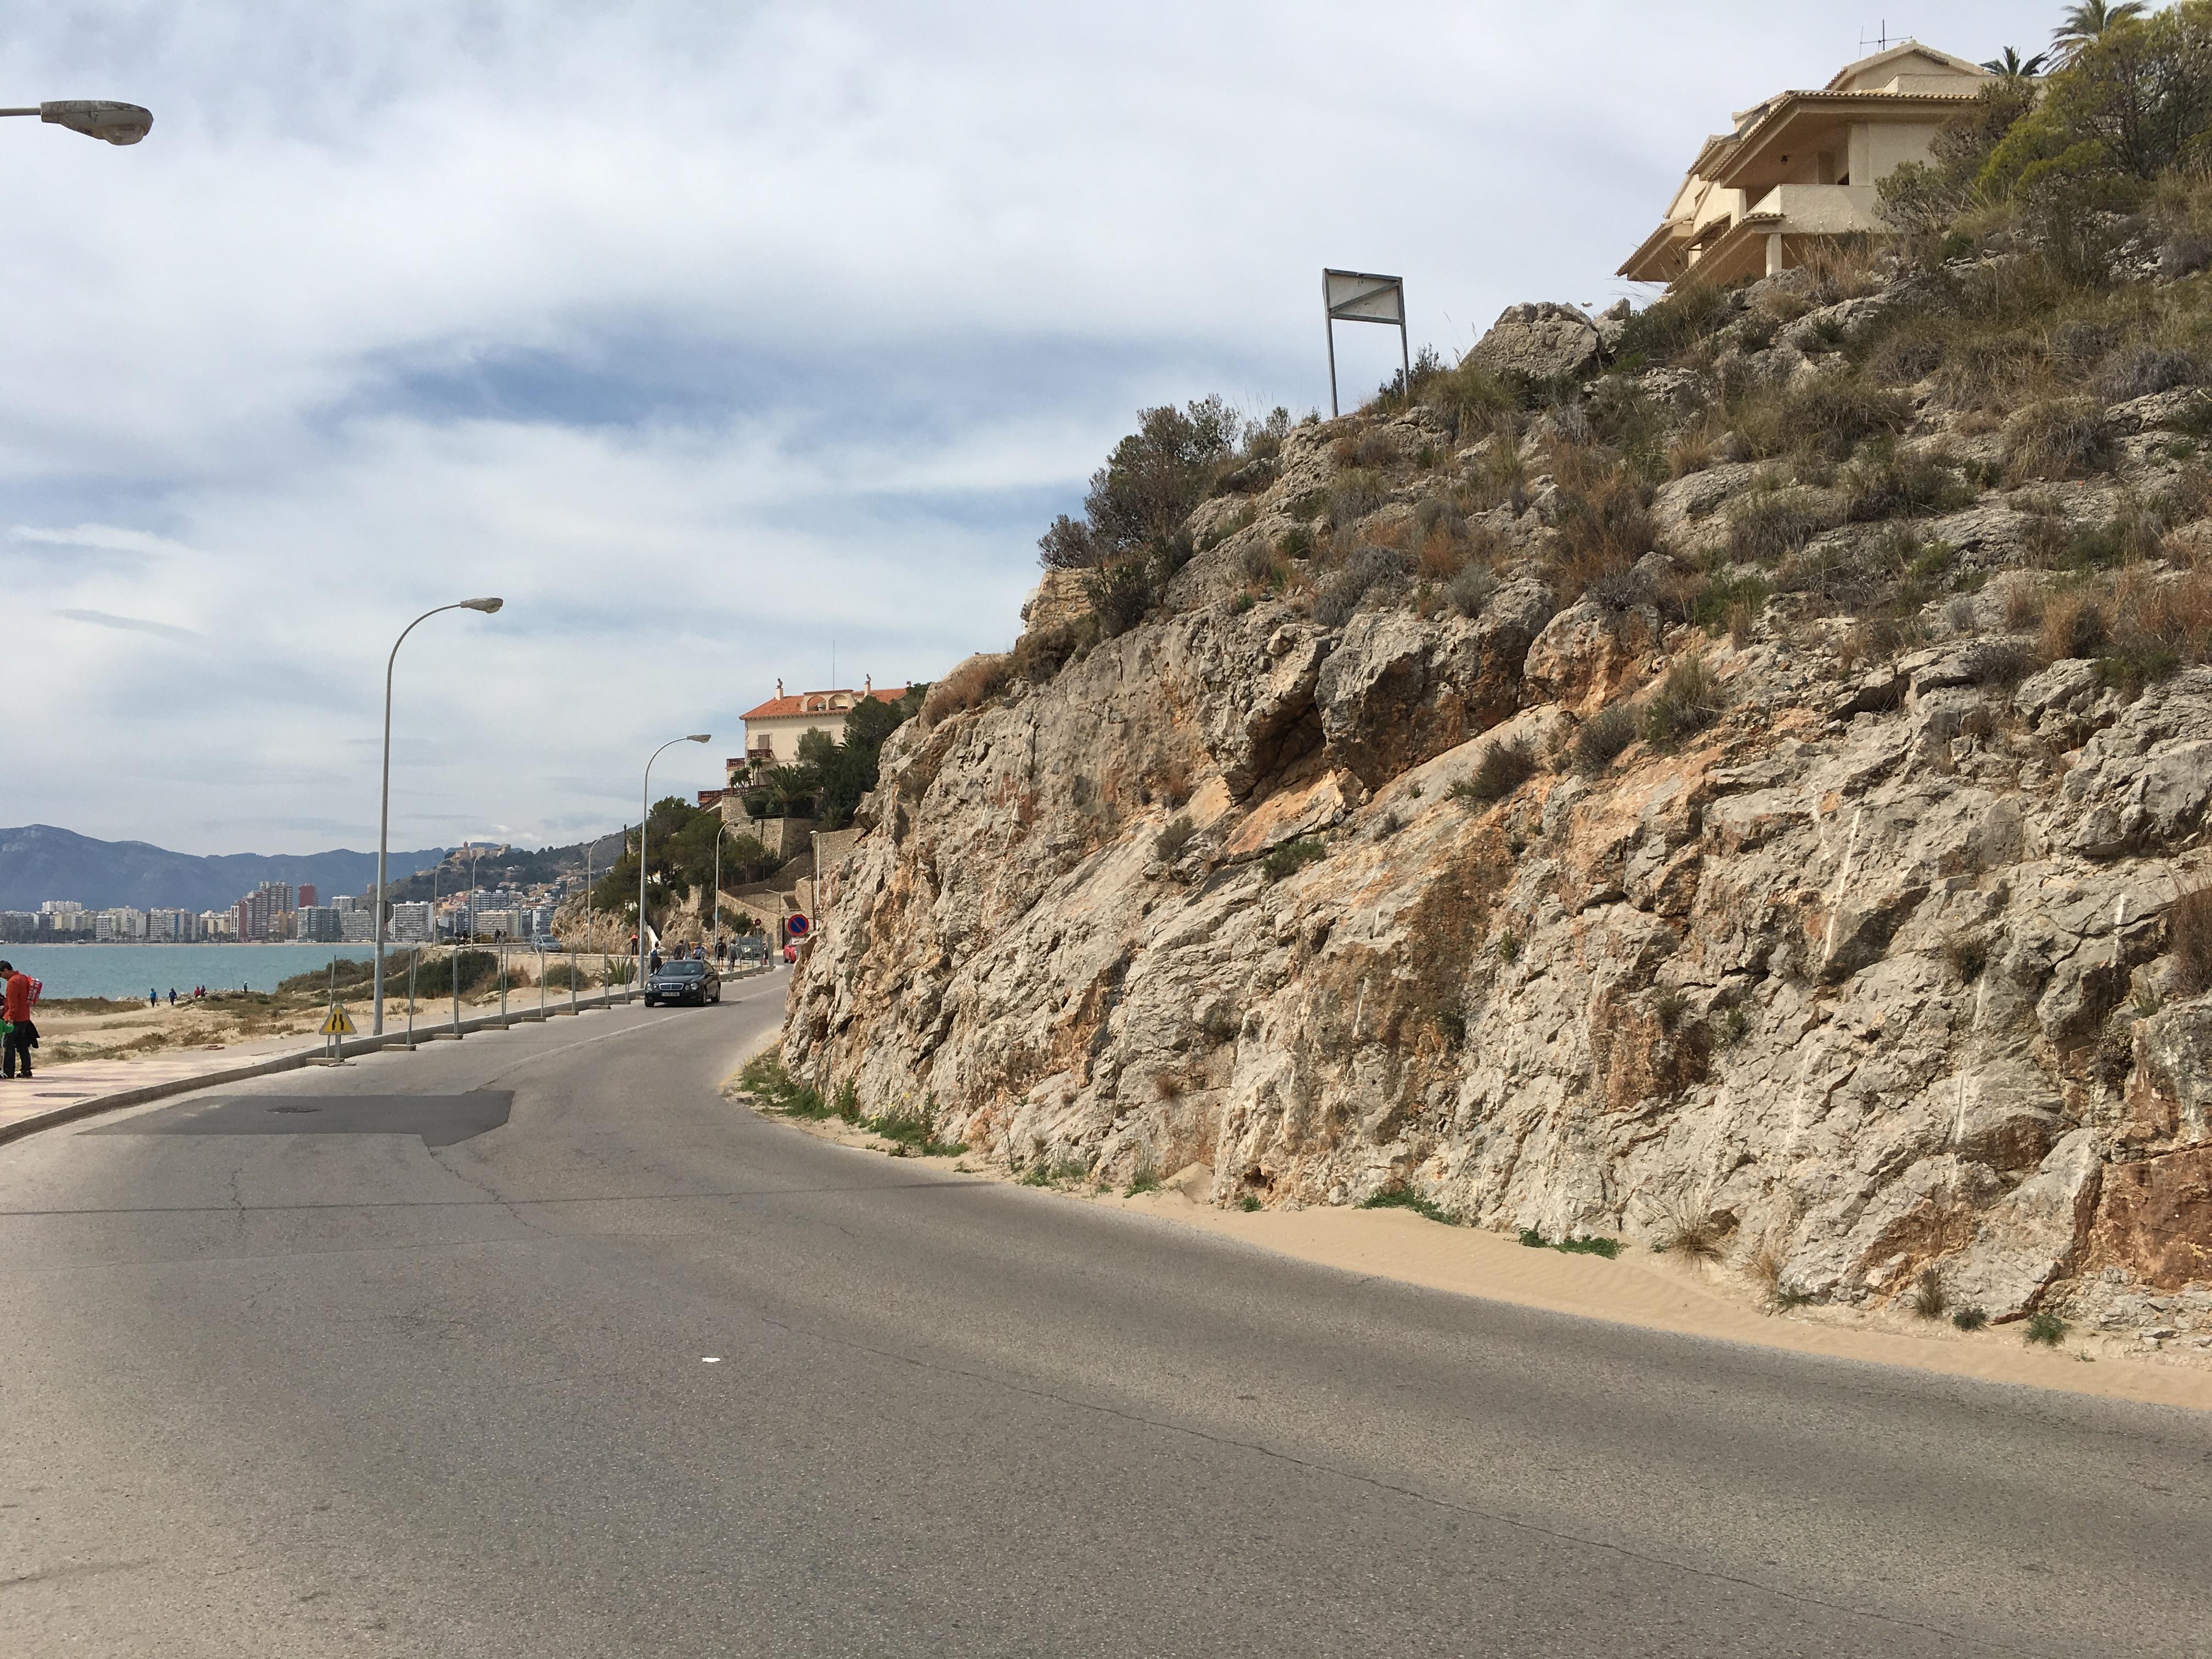 Carretera Cullera al Faro